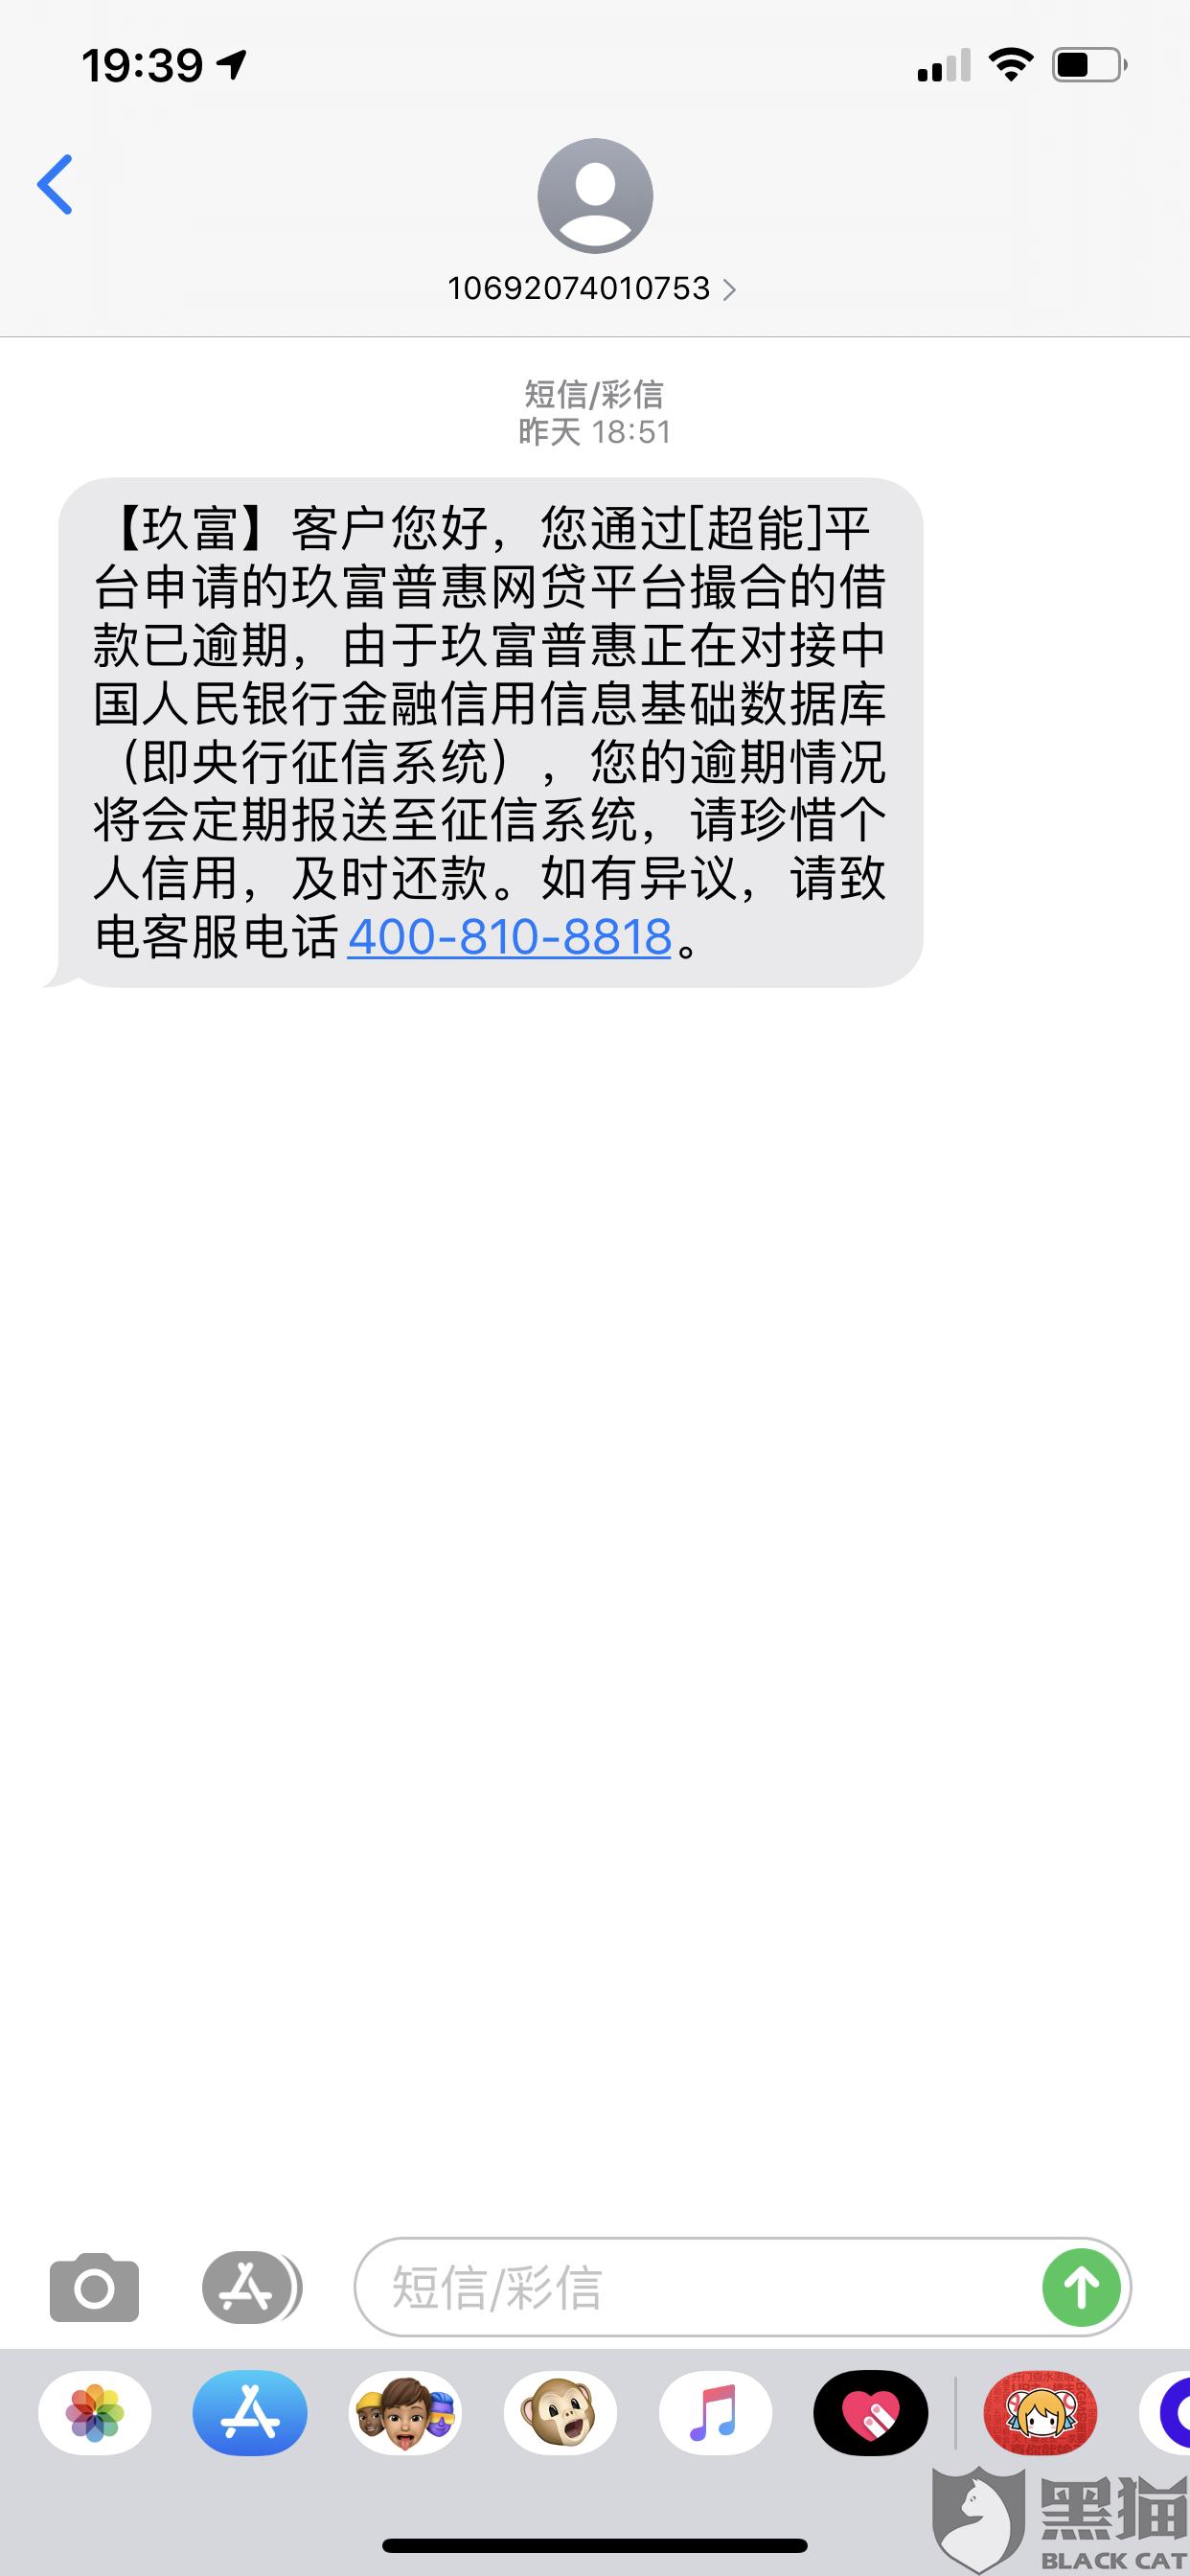 黑猫投诉:从未从玖富惠普及超能平台有过借款